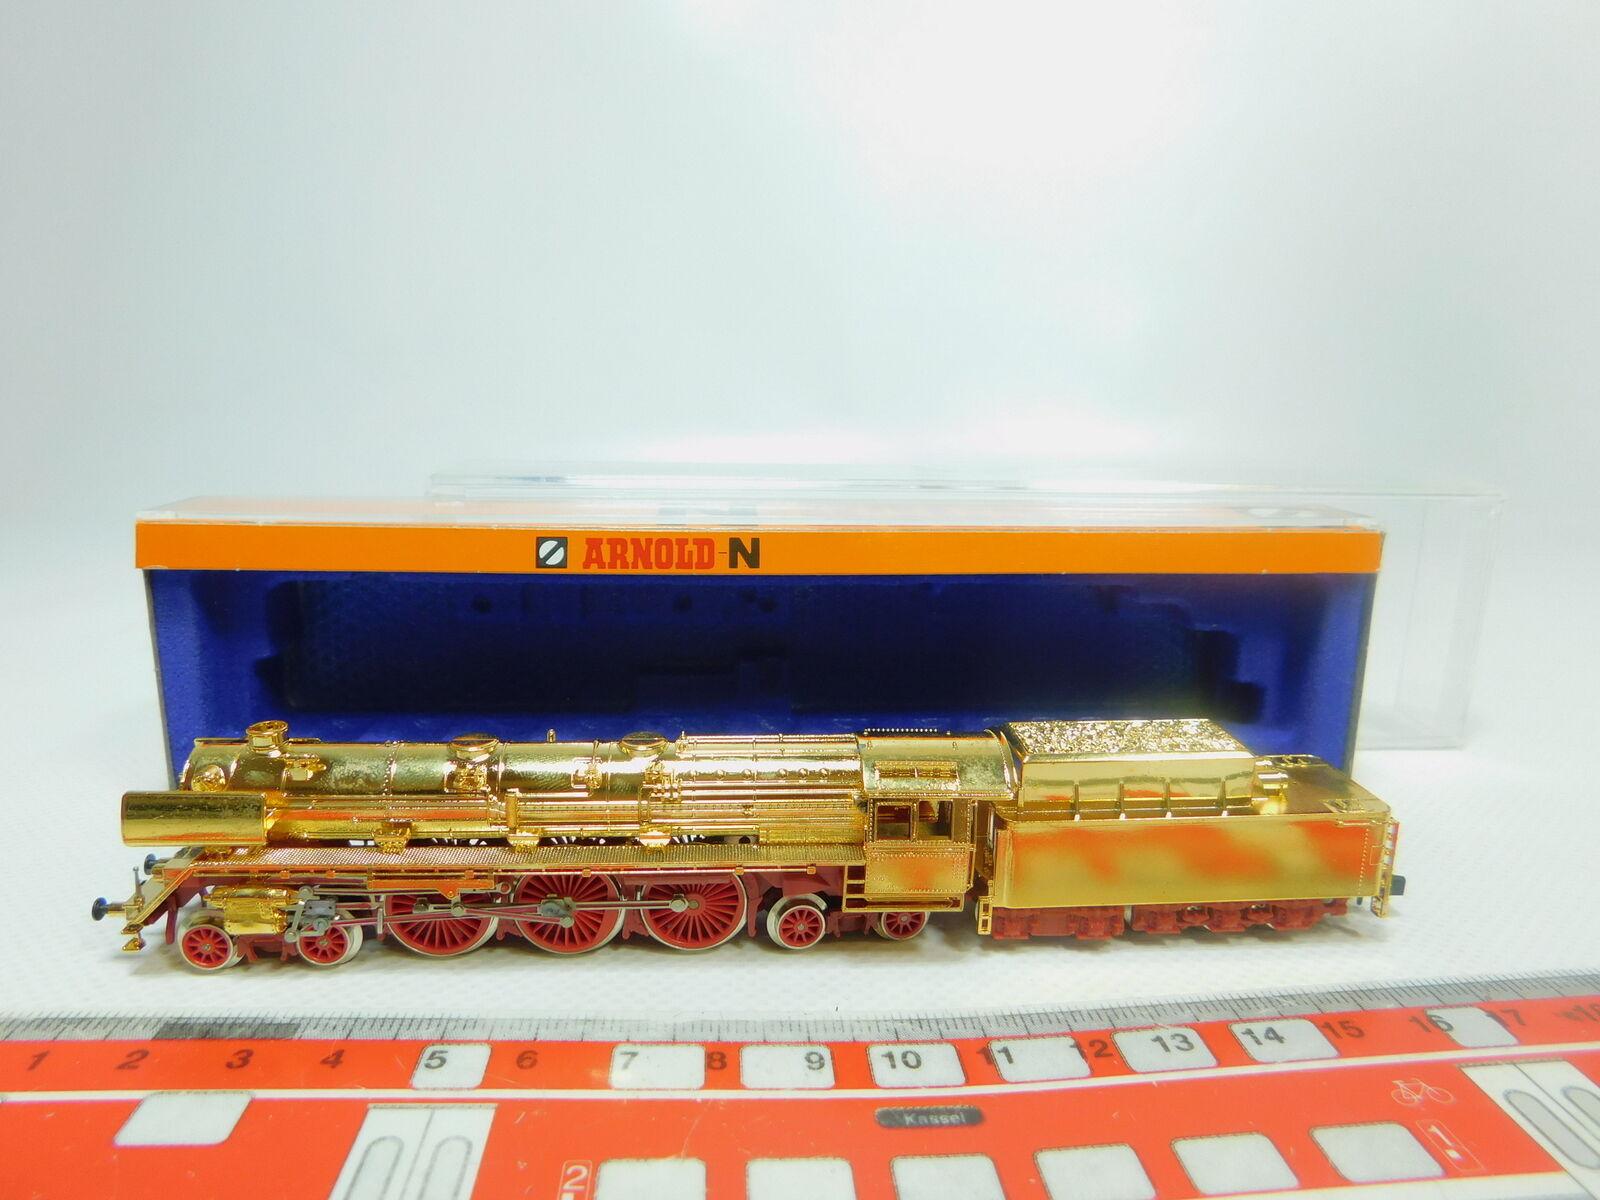 BP385-0,5 Arnold Voie N 2707 Dummy-Dampflokomotive Br 05 Plaqué or, Ovp